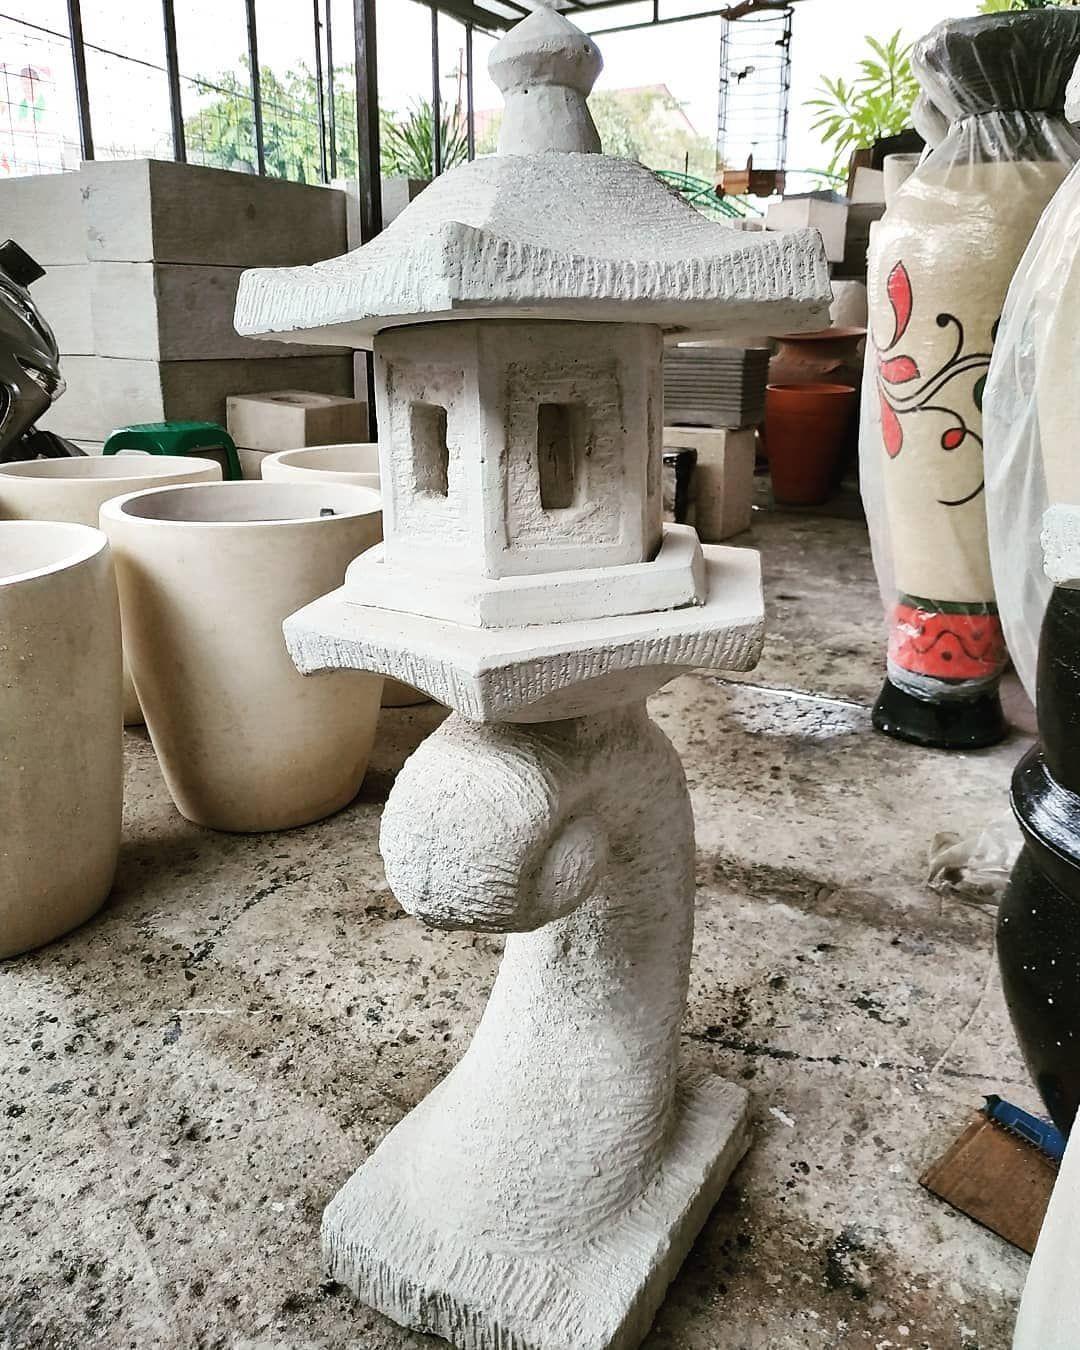 Lampu Taman Bali Dengan Kaki Udang Tinggi 80cm Untuk Pemesanan Lampu Taman Bali Bisa Hubungi Ke What S App 0822 Decor Interior Design Home Decor Home Art